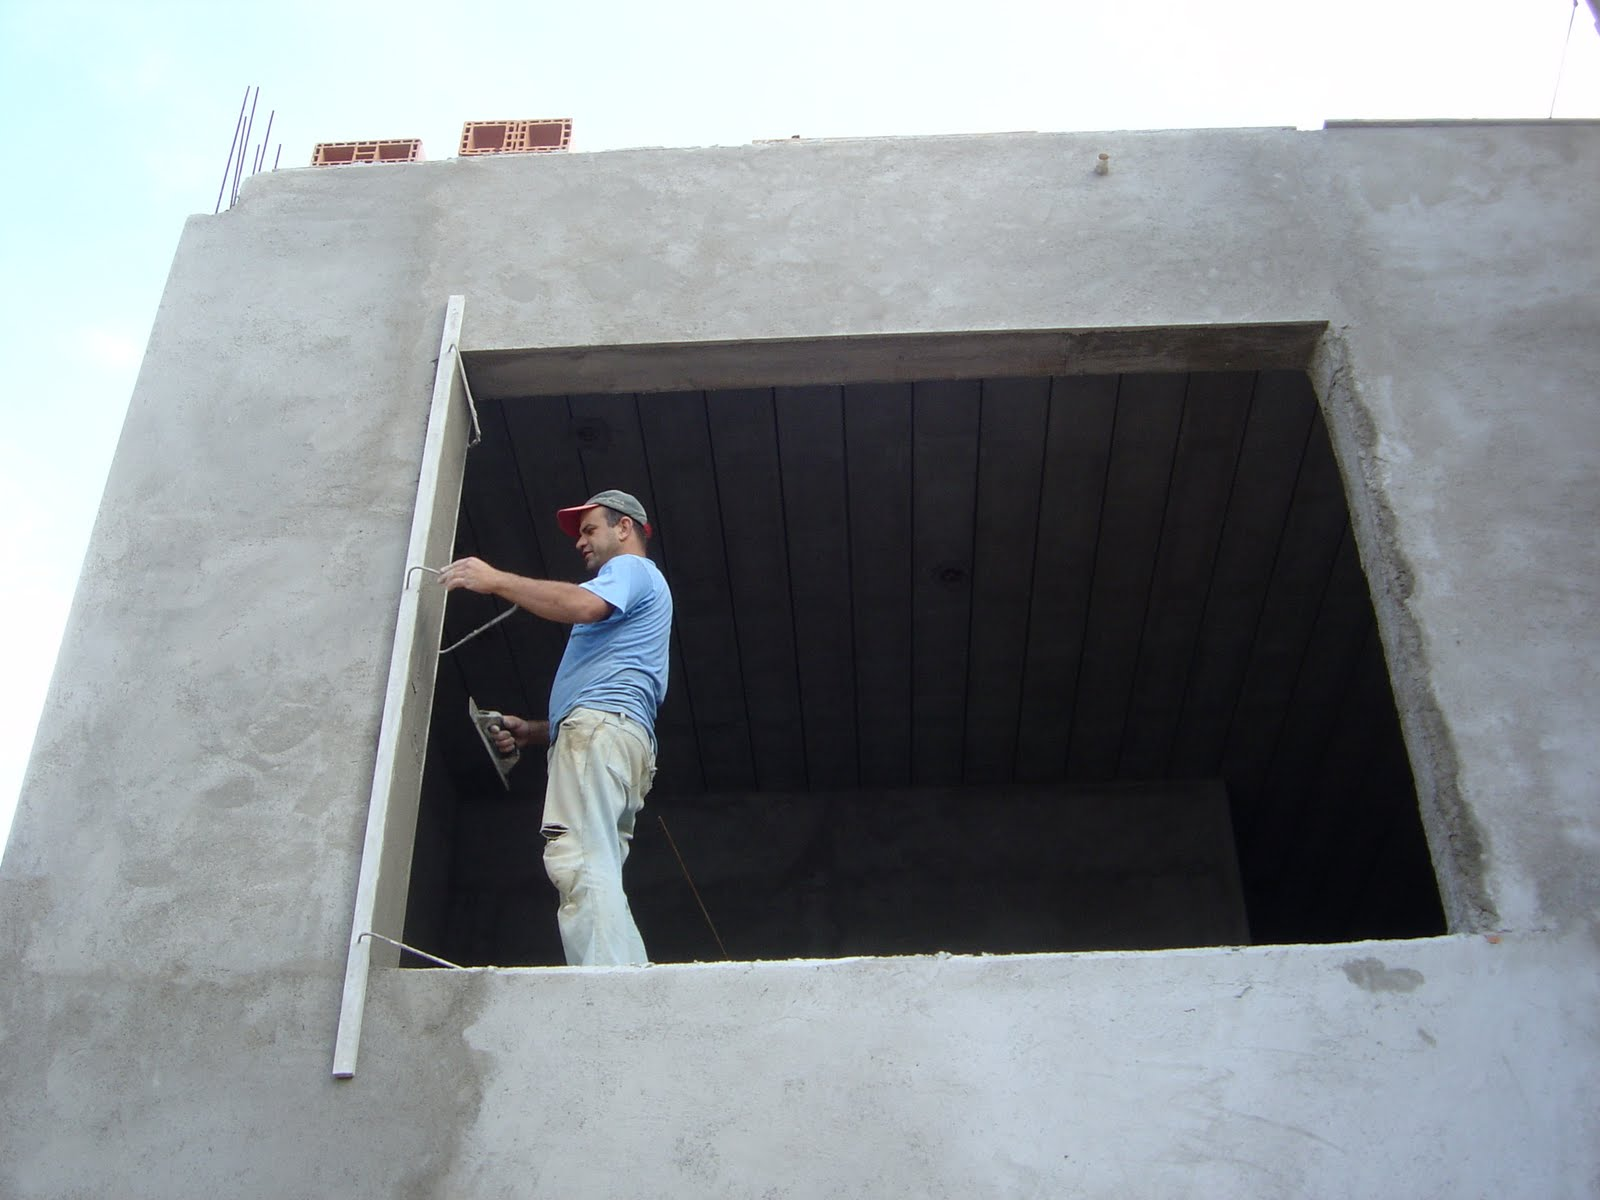 #446387 Continuaram os trabalhos de requadramento e massa por toda parte. 1434 Requadramento De Janelas